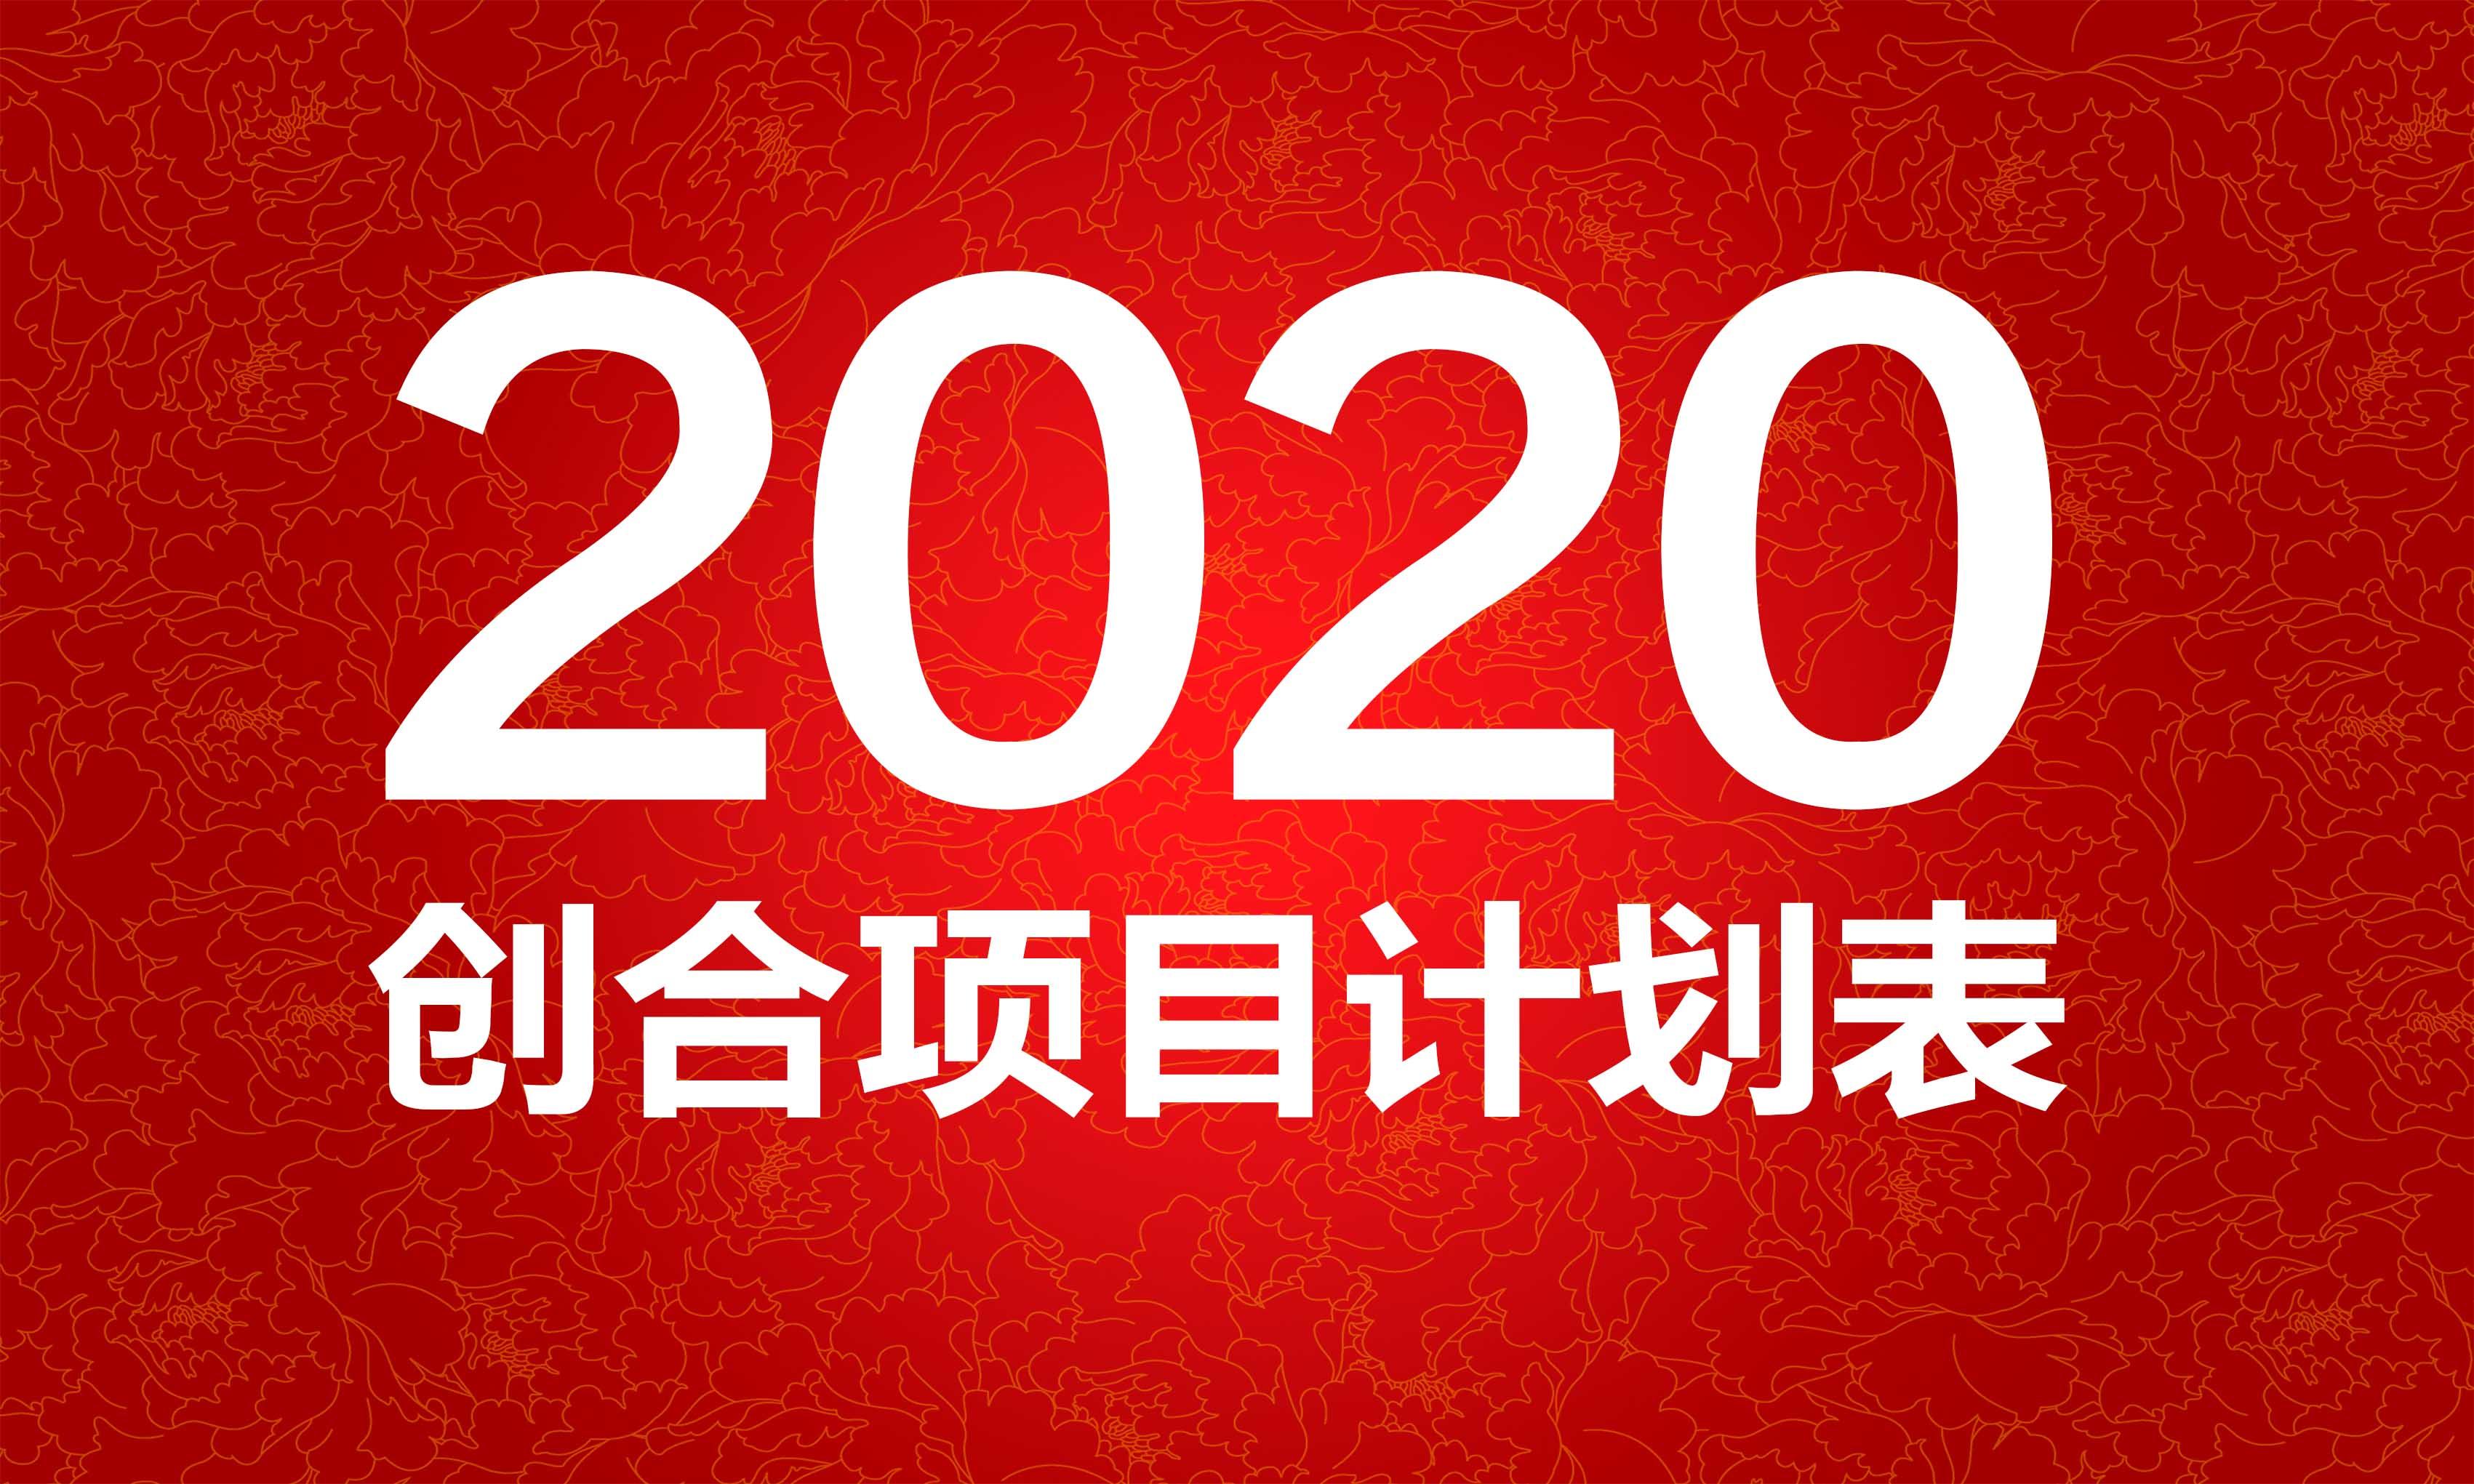 2020年创合会展项目计划表